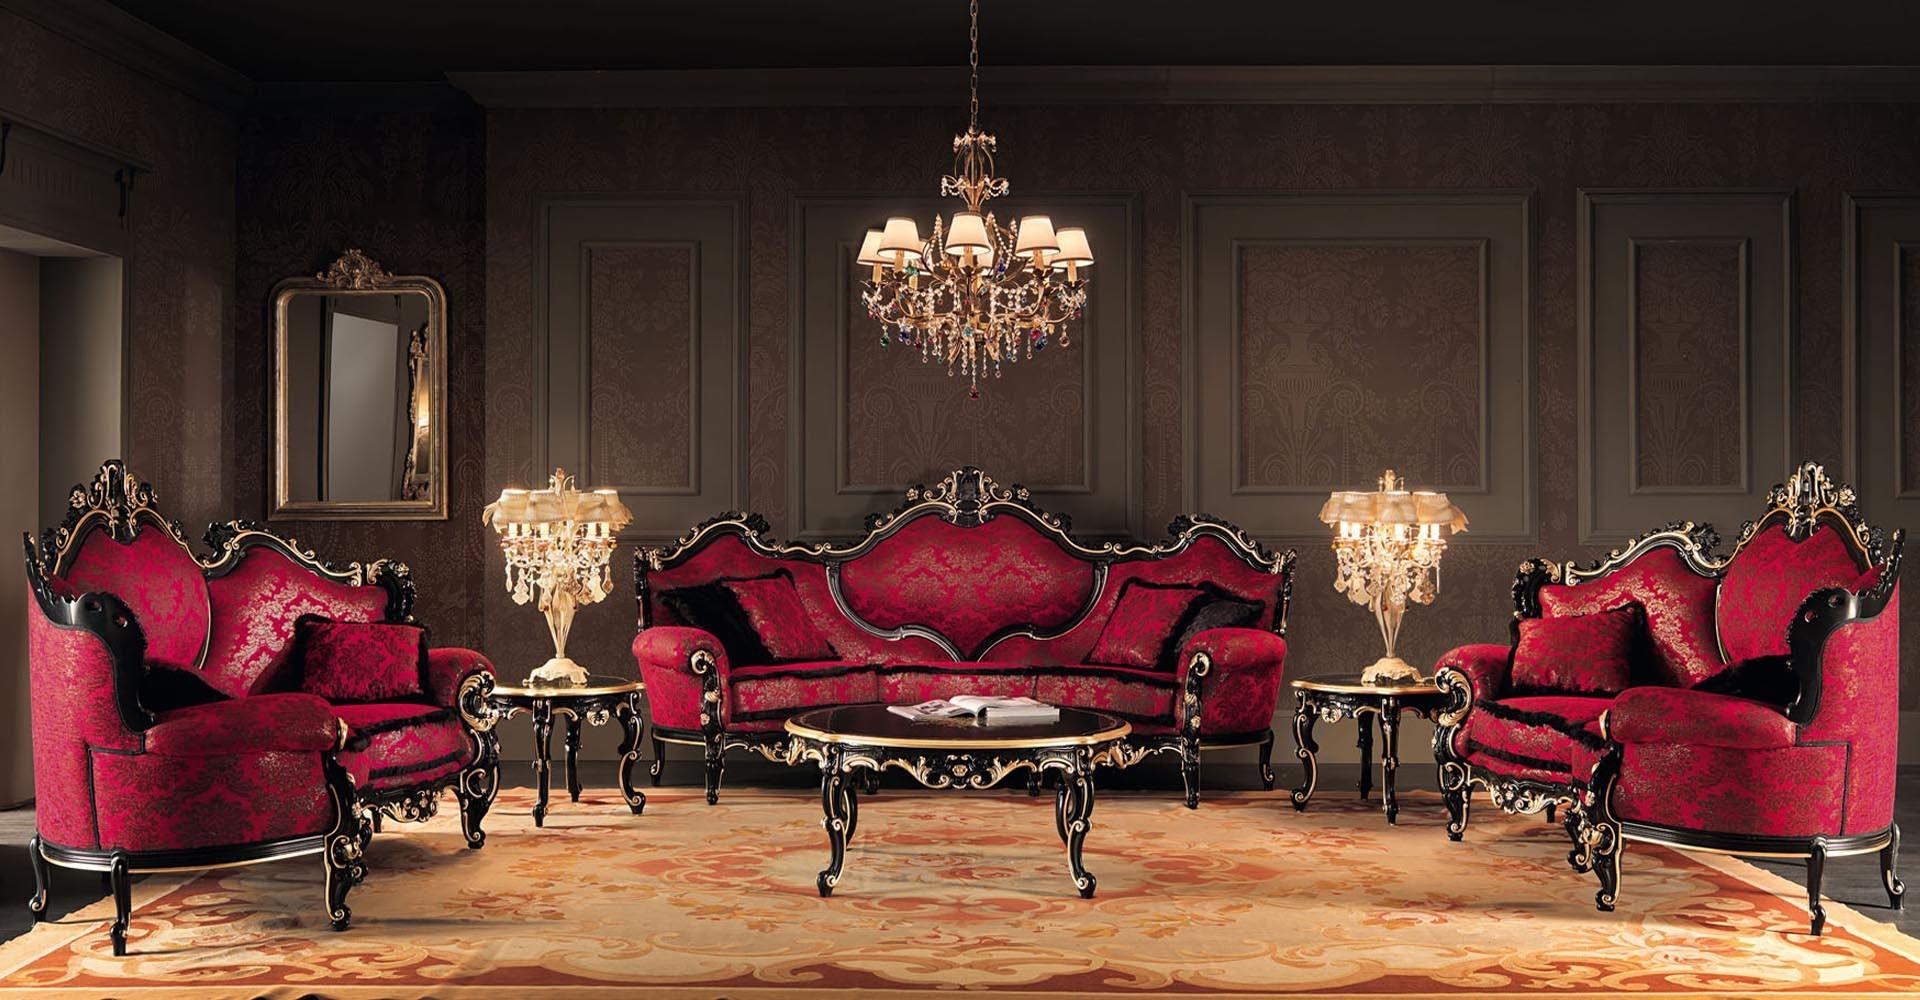 Klassisk röd soffa i det lyxiga vardagsrummet